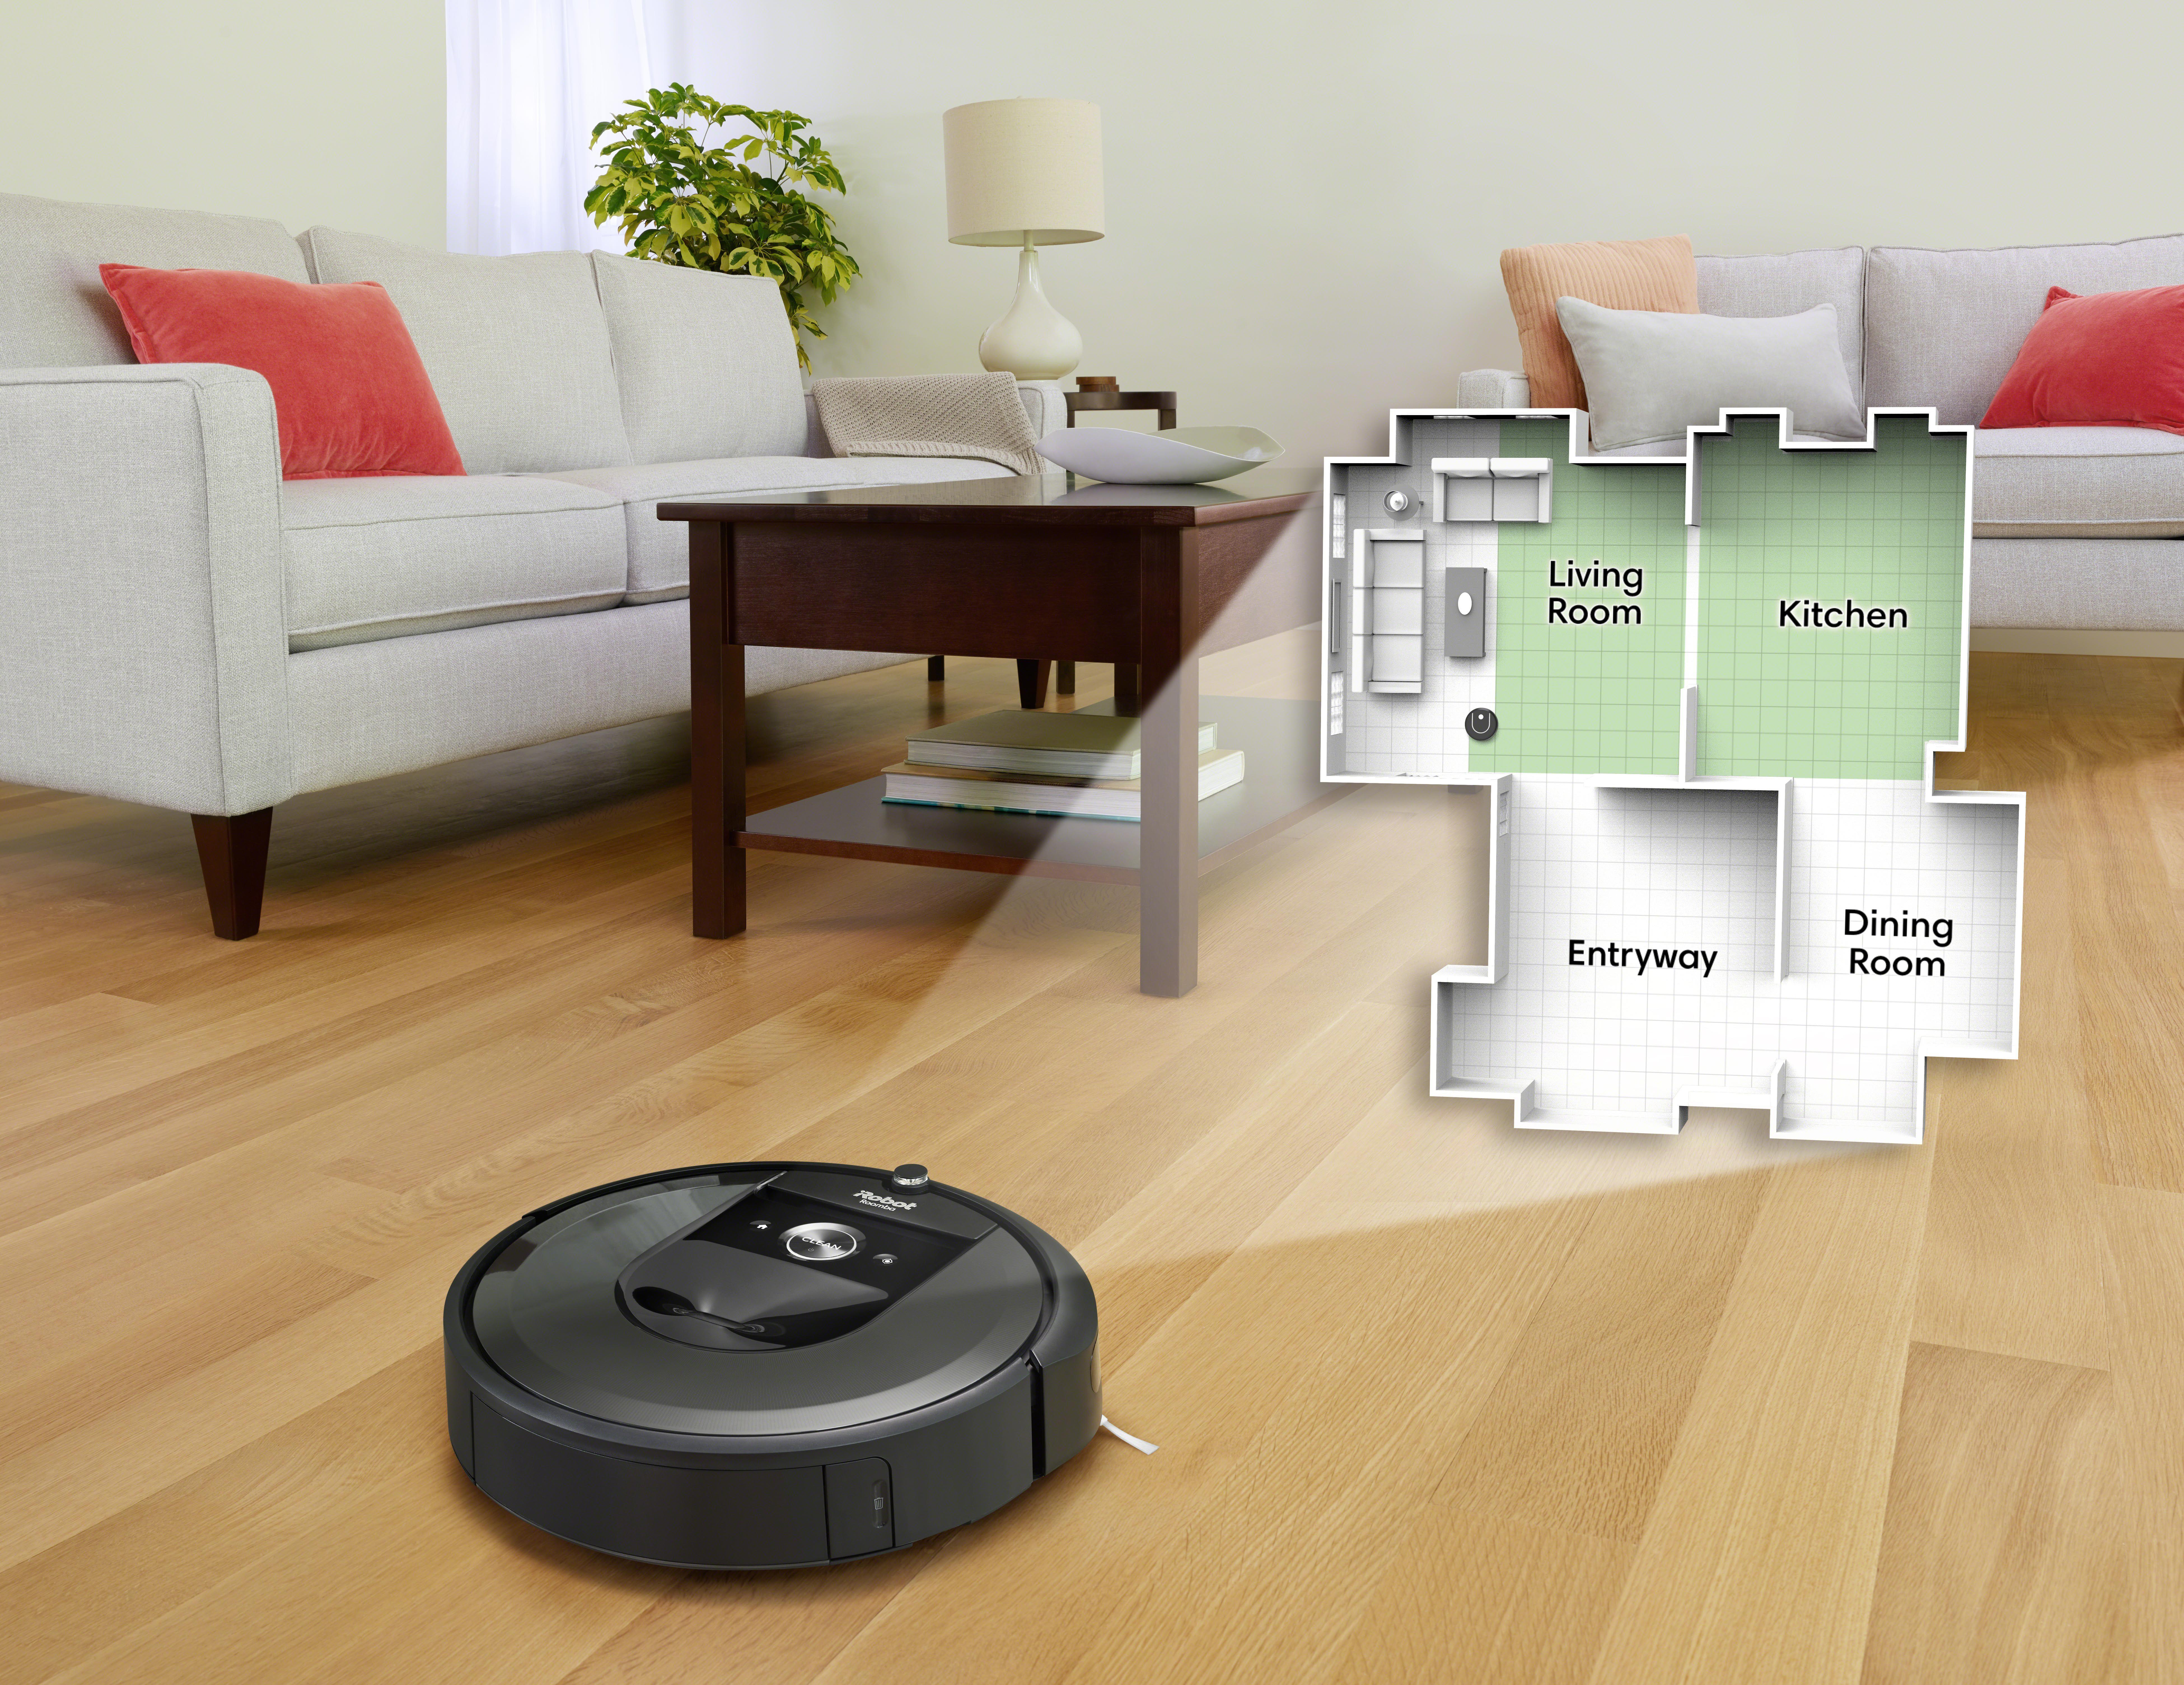 Roomba S New Robotic Vacuum Remembers